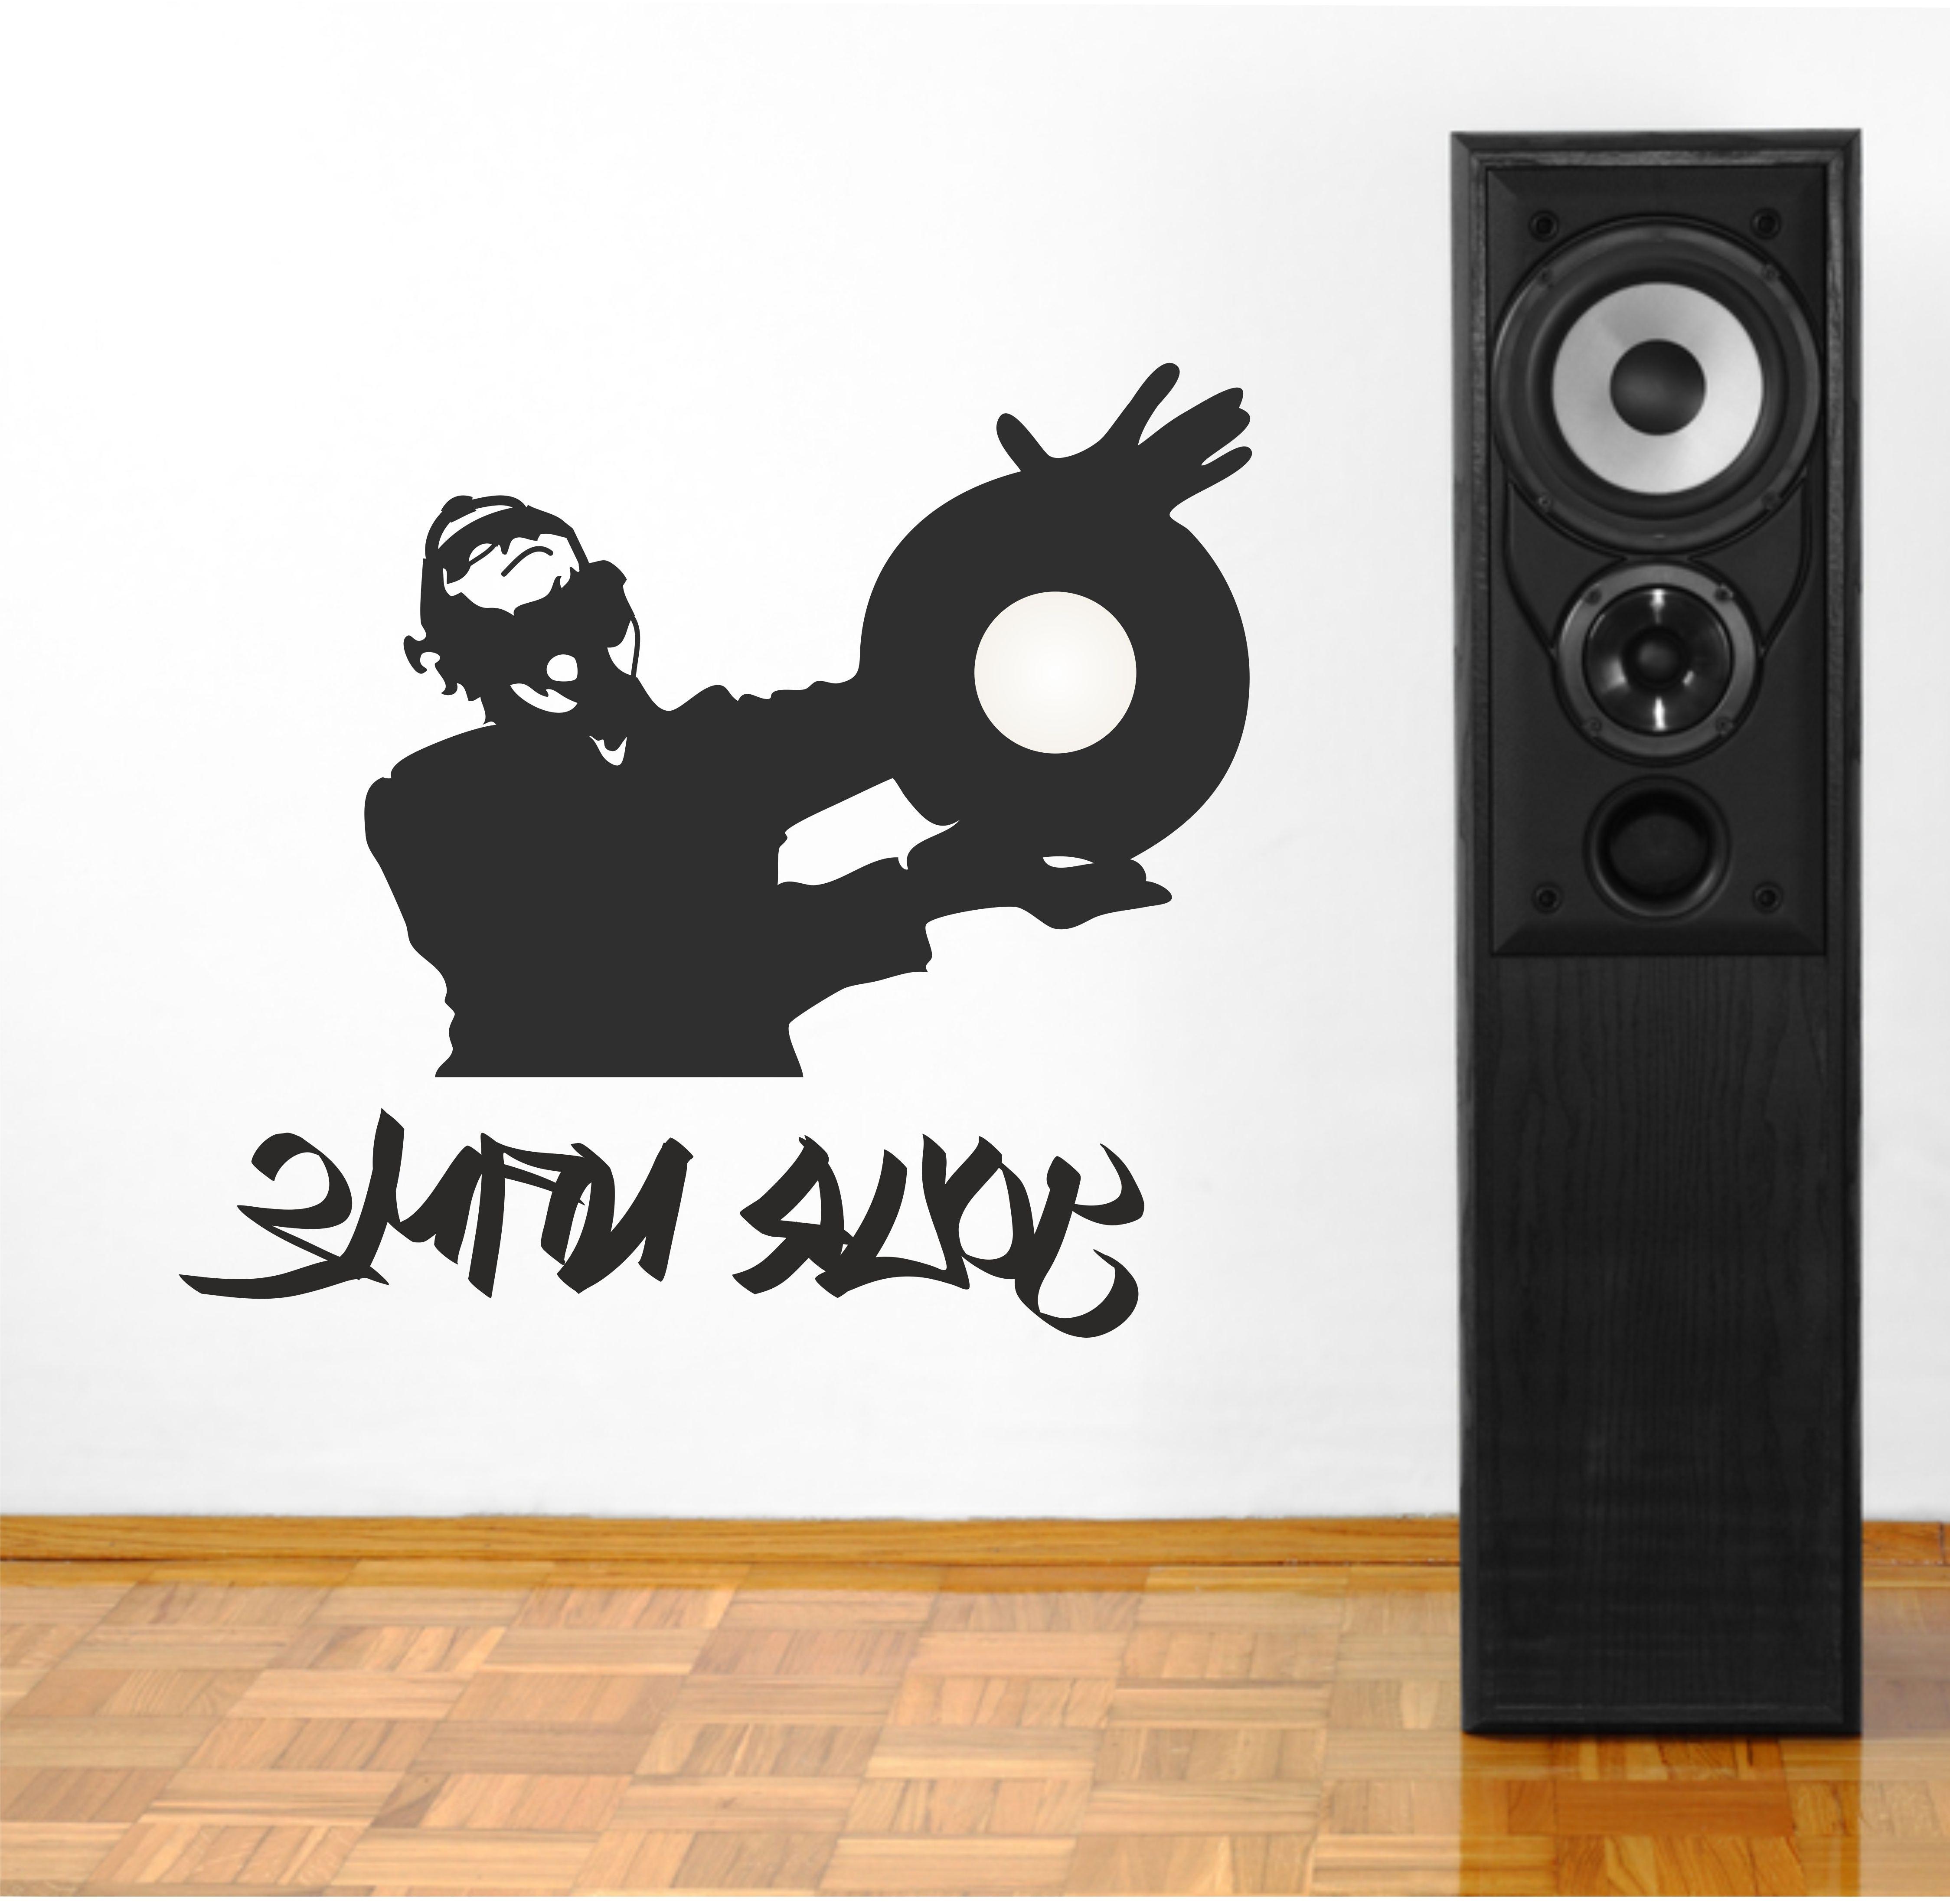 Personalised Graffiti Dj Music Wall Art Sticker (View 12 of 15)